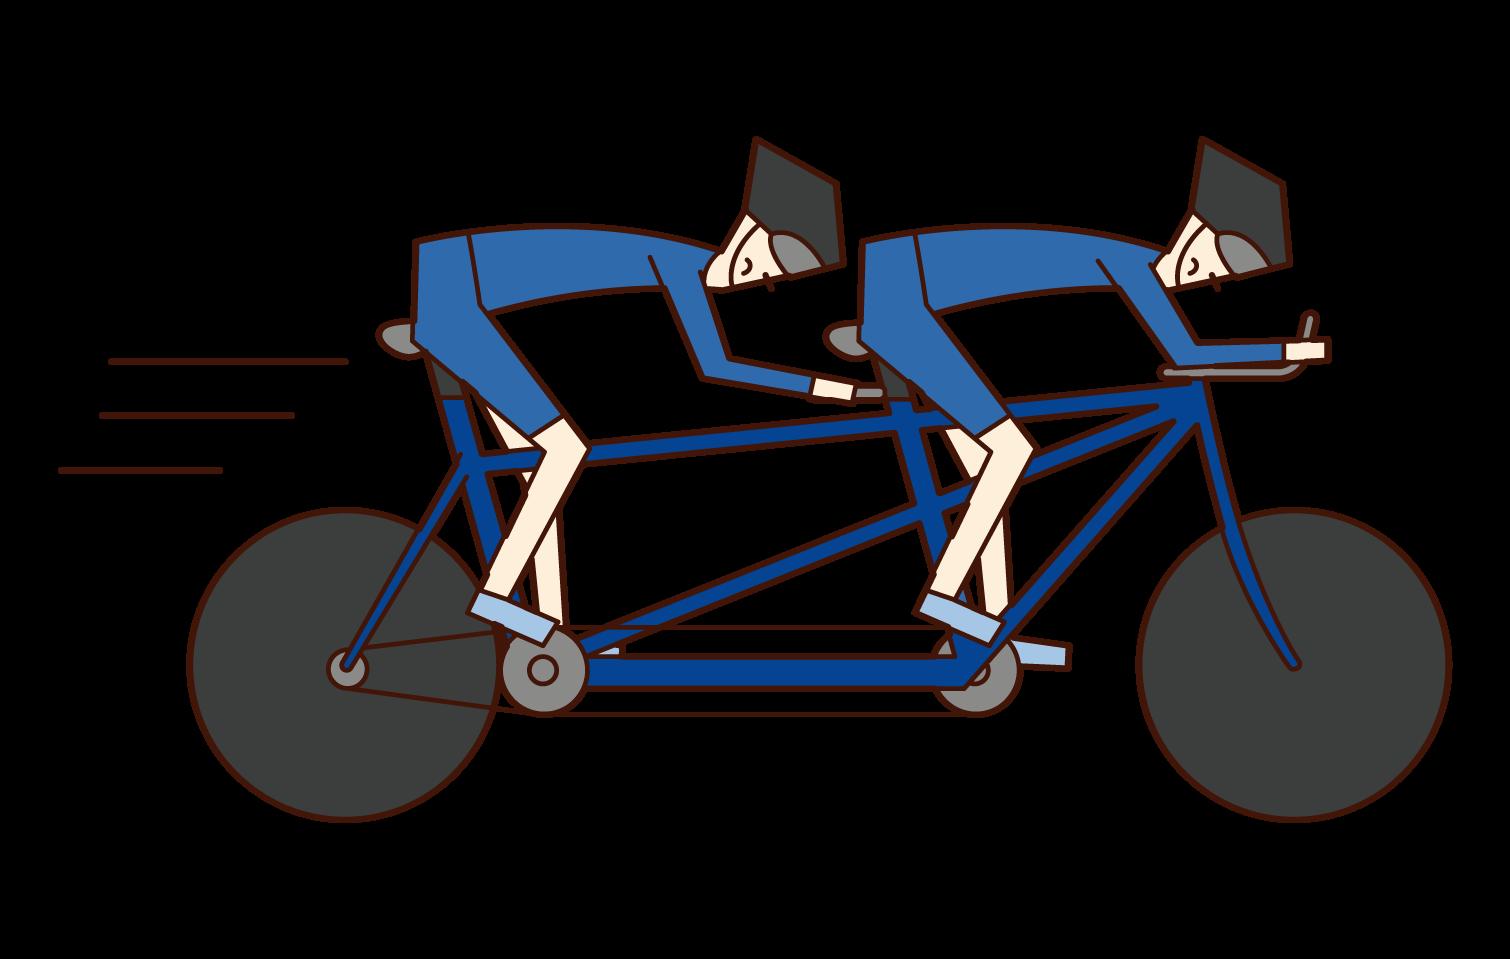 殘奧會自行車運動員(串聯自行車男子)的插圖